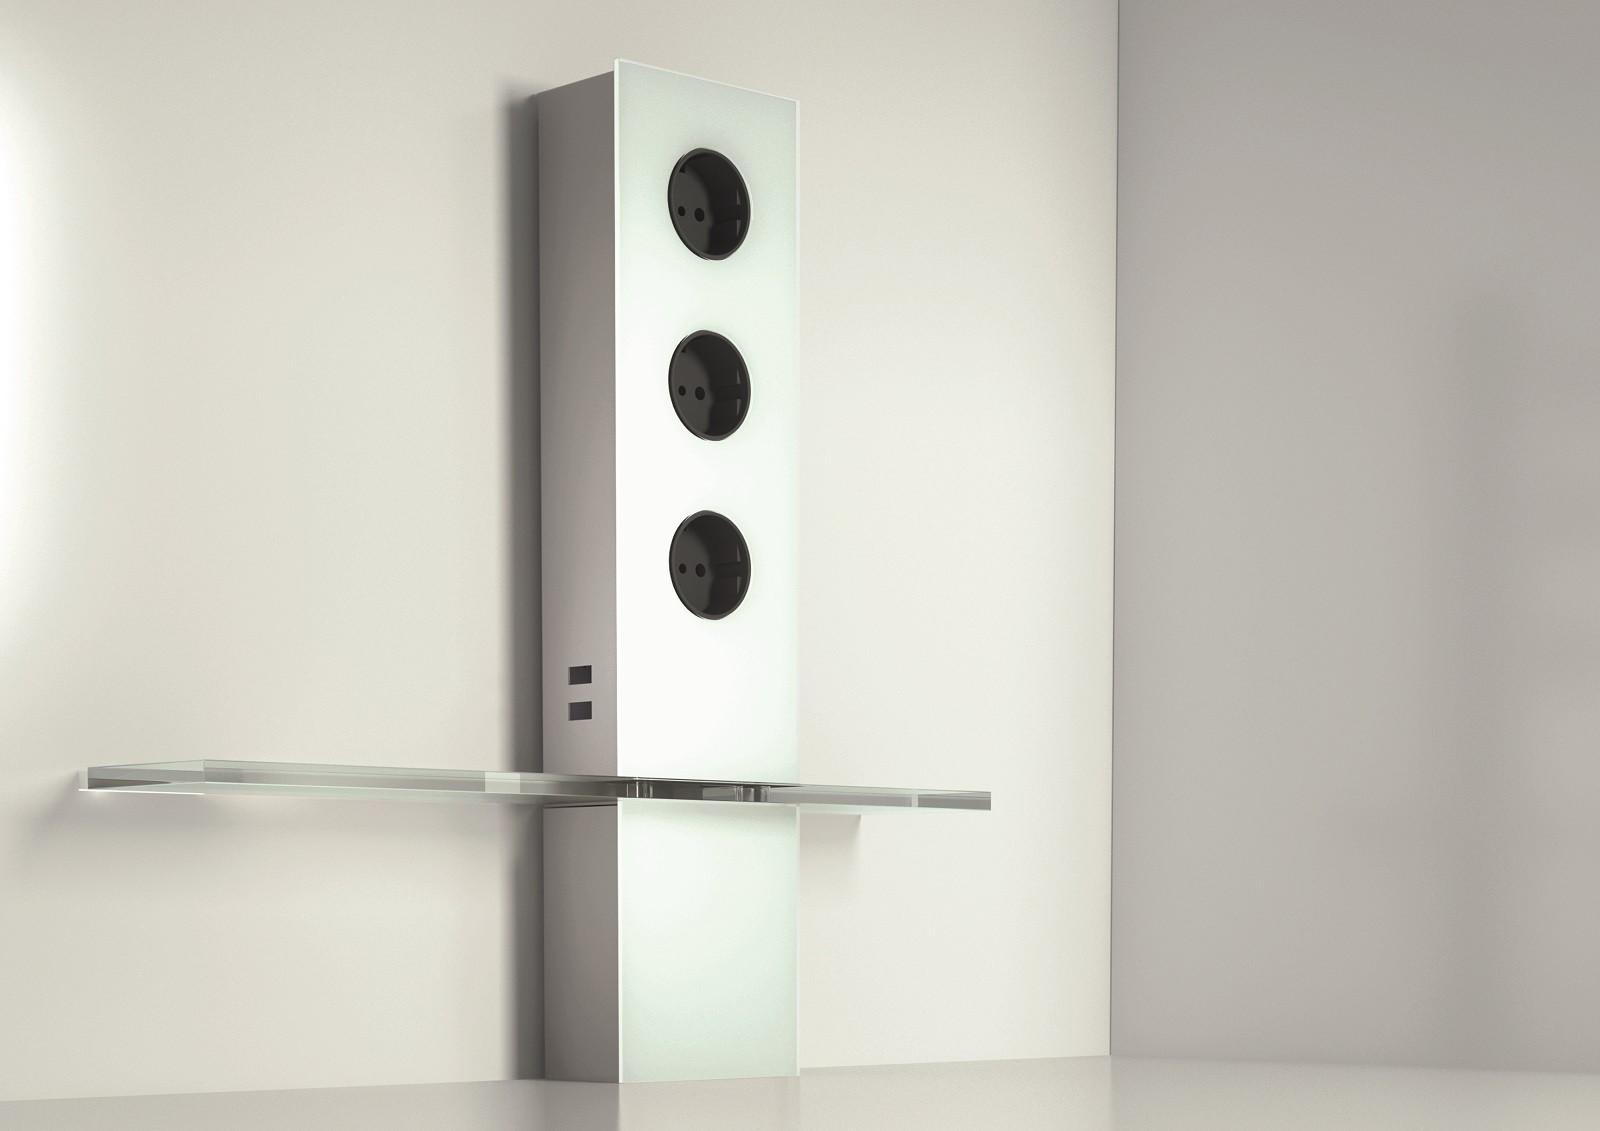 steckdoseneinheit powerturm aus edelstahl und glas mit 2fach usb anschluss. Black Bedroom Furniture Sets. Home Design Ideas